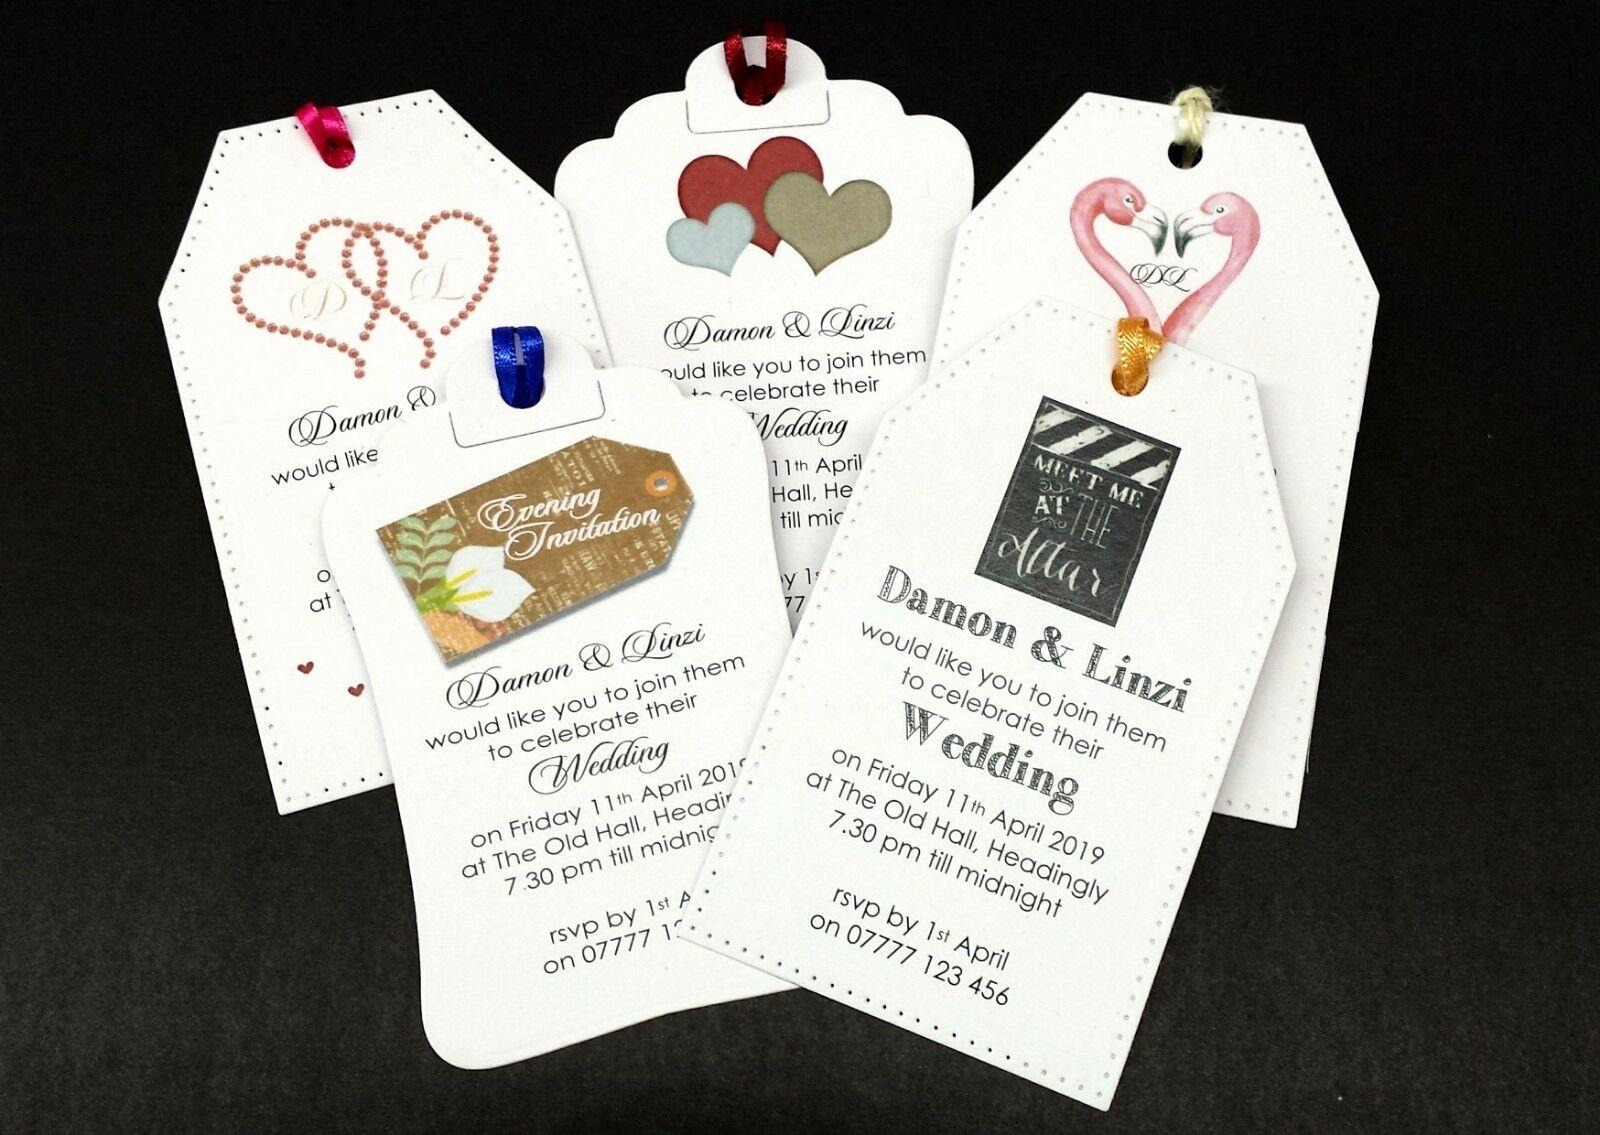 INVITI qualsiasi di nozze bagagli Tag qualsiasi INVITI Coloreeee della barra multifunzione-ogni occasione Gratuito Buste af15db